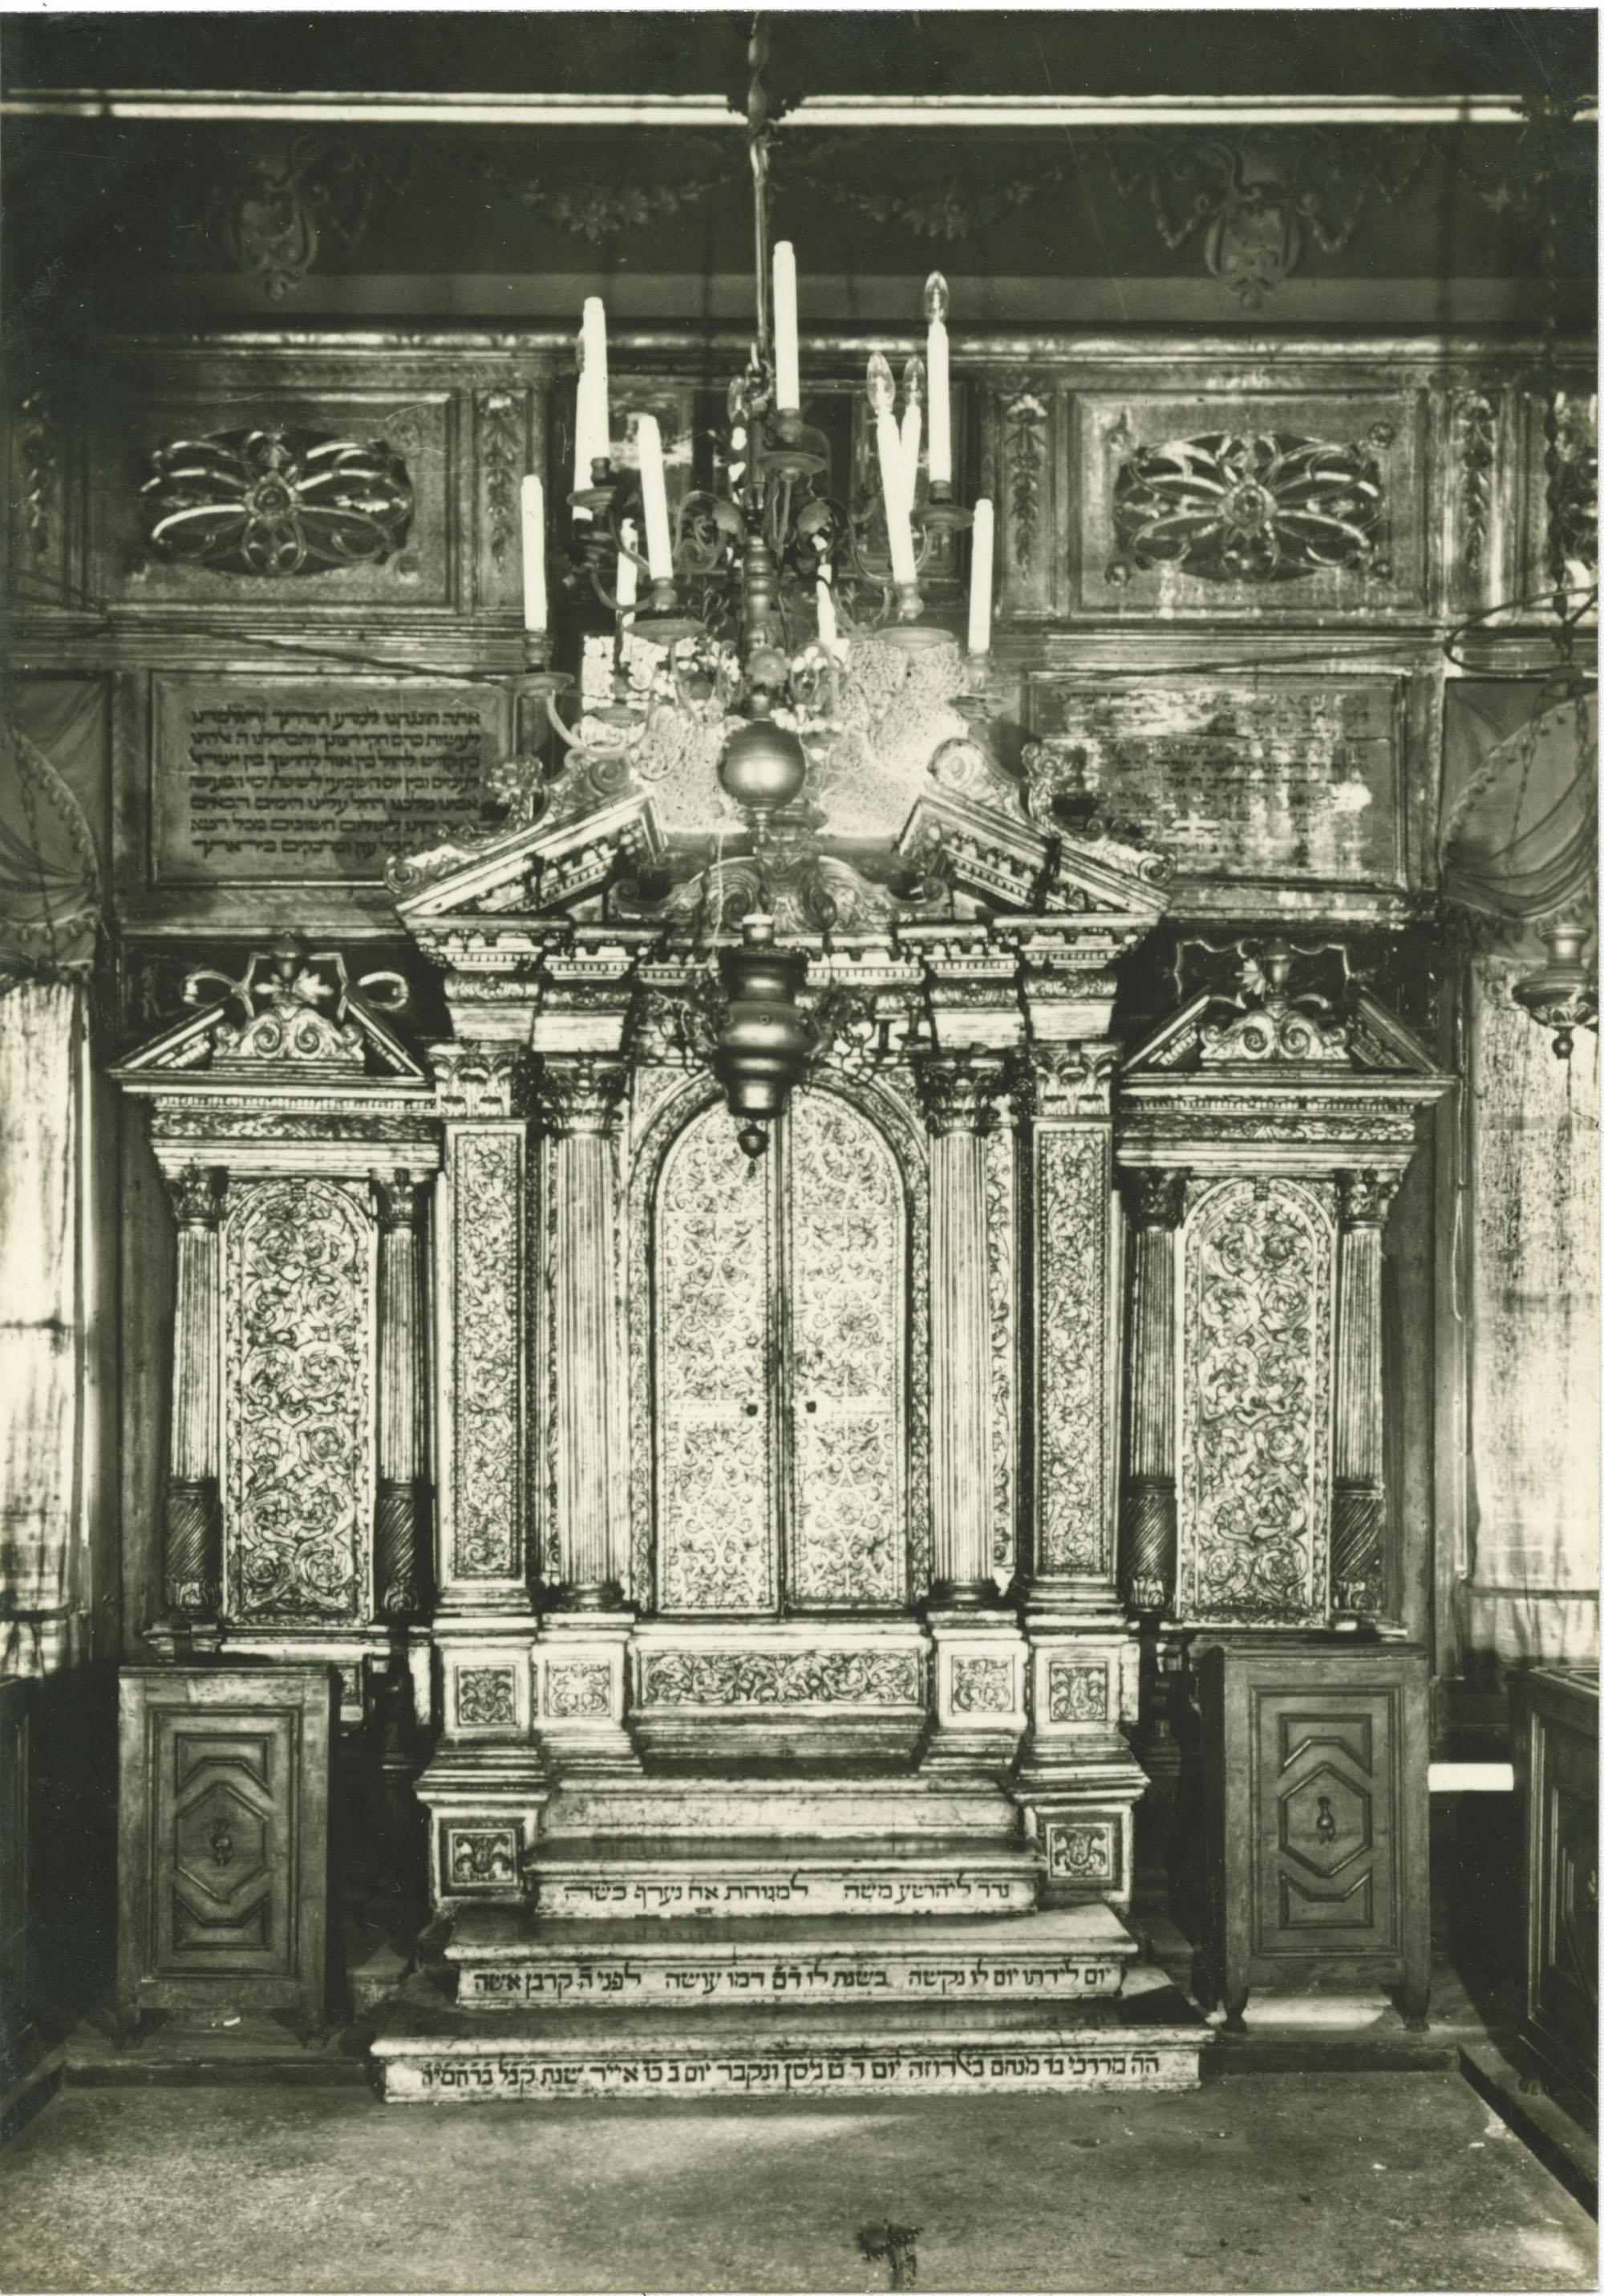 Schola Canton - Arca sacra contenente la Bibbia